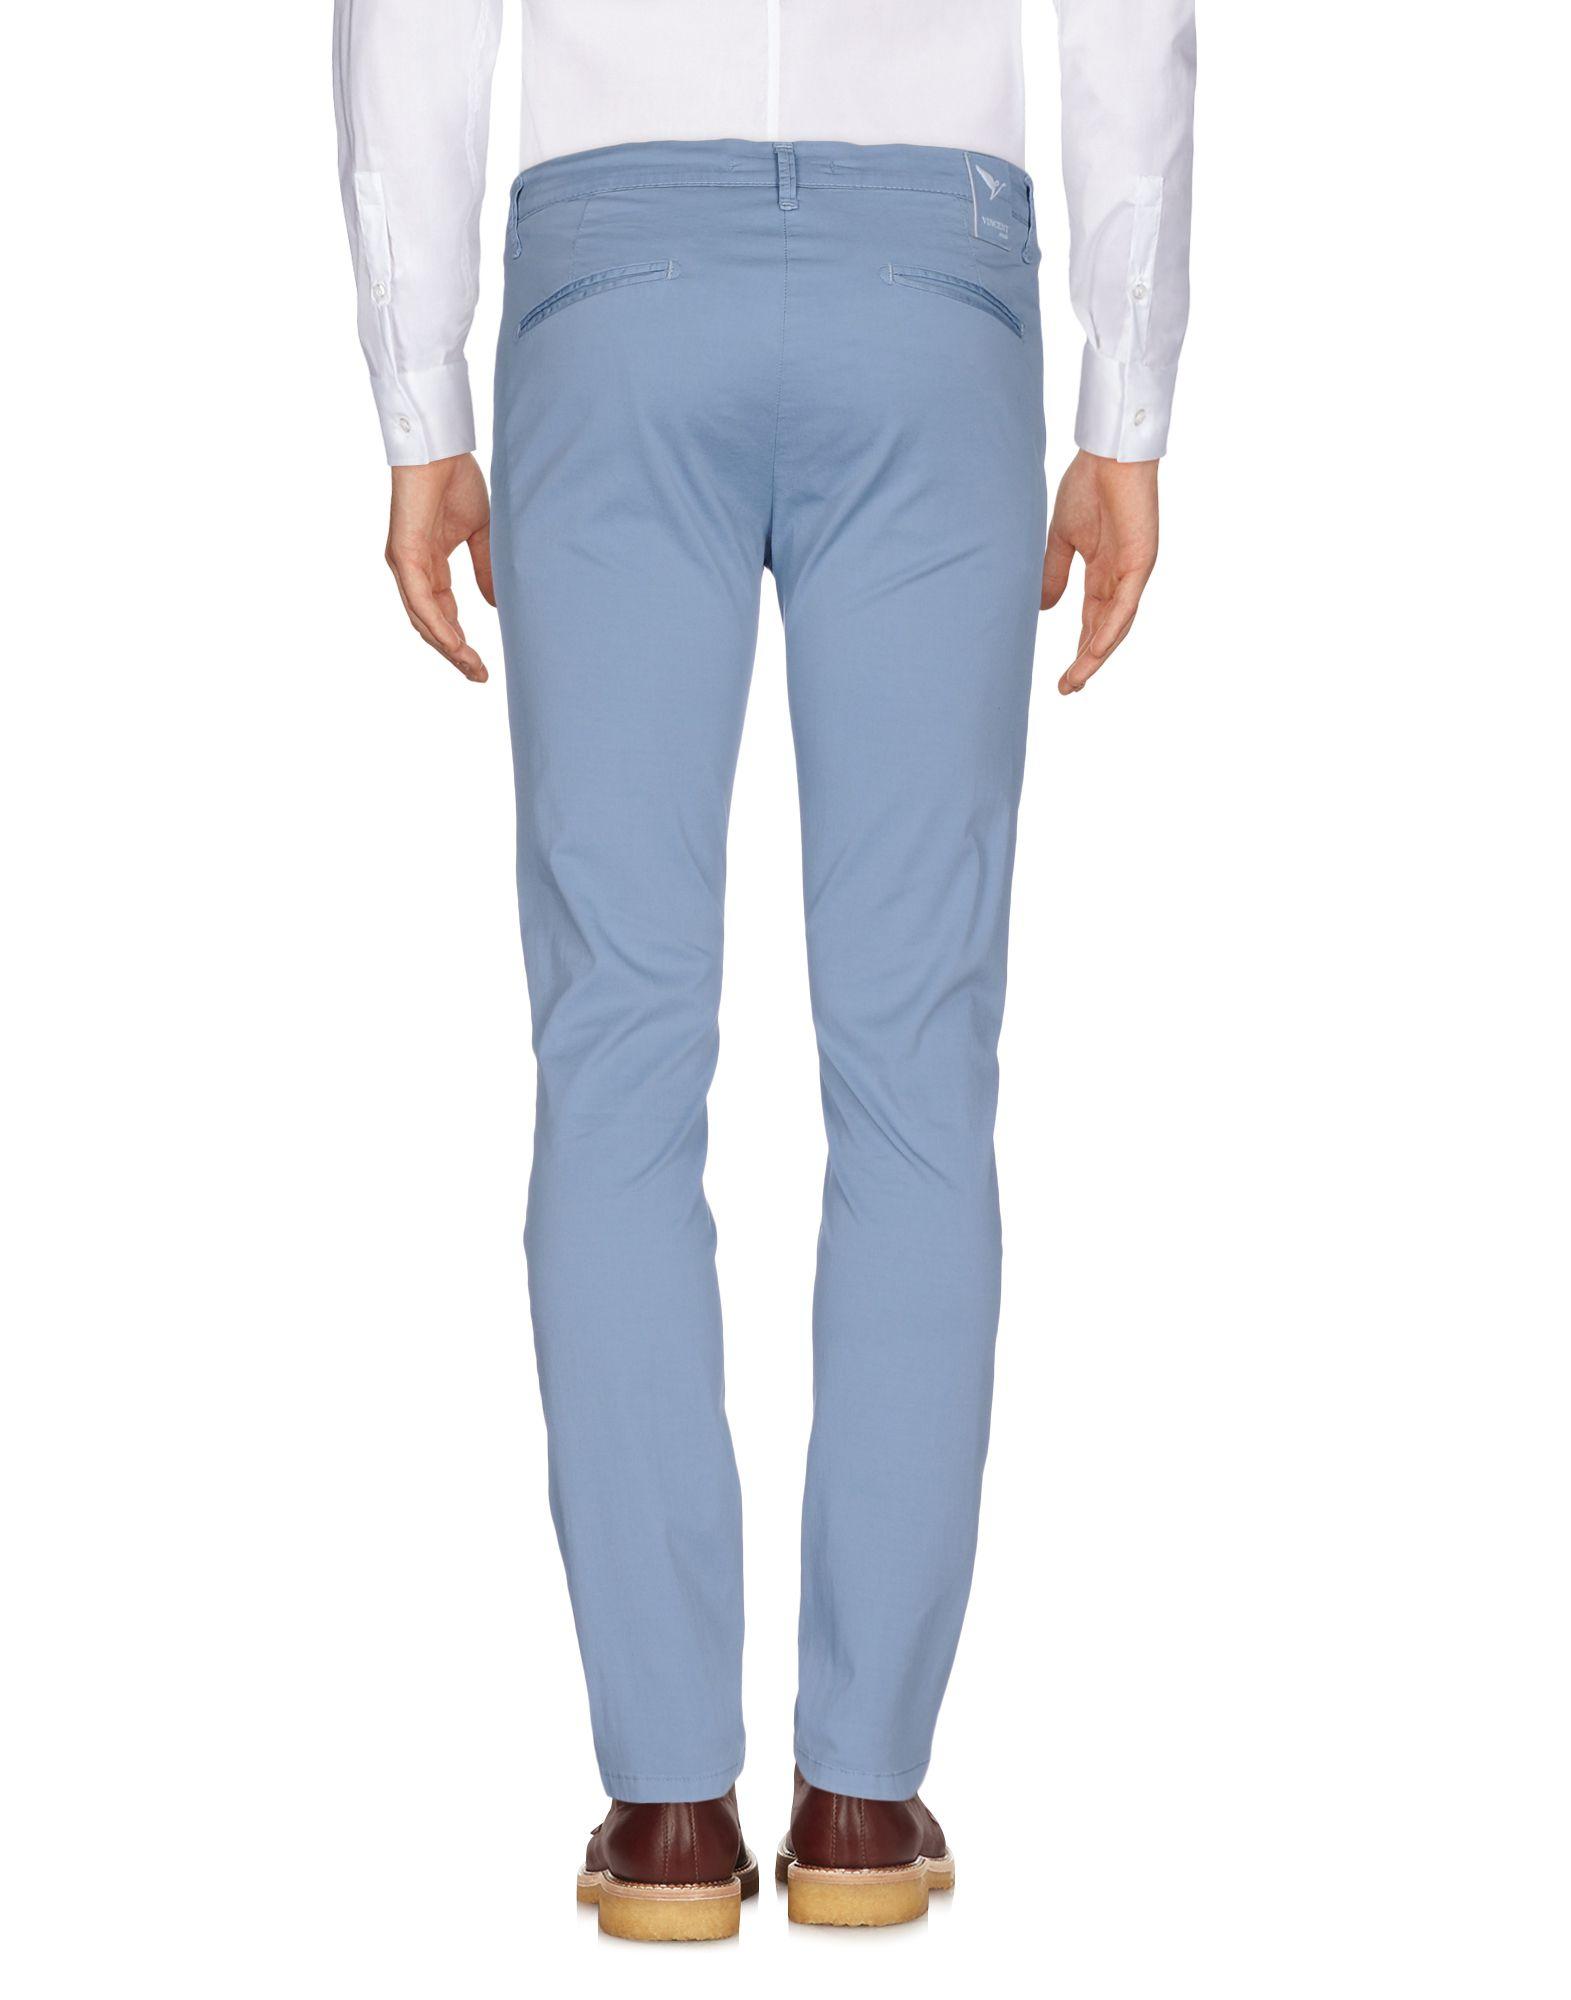 Pantalone Vincent Uomo Trade Uomo Vincent - 13080578QJ 6b7a10